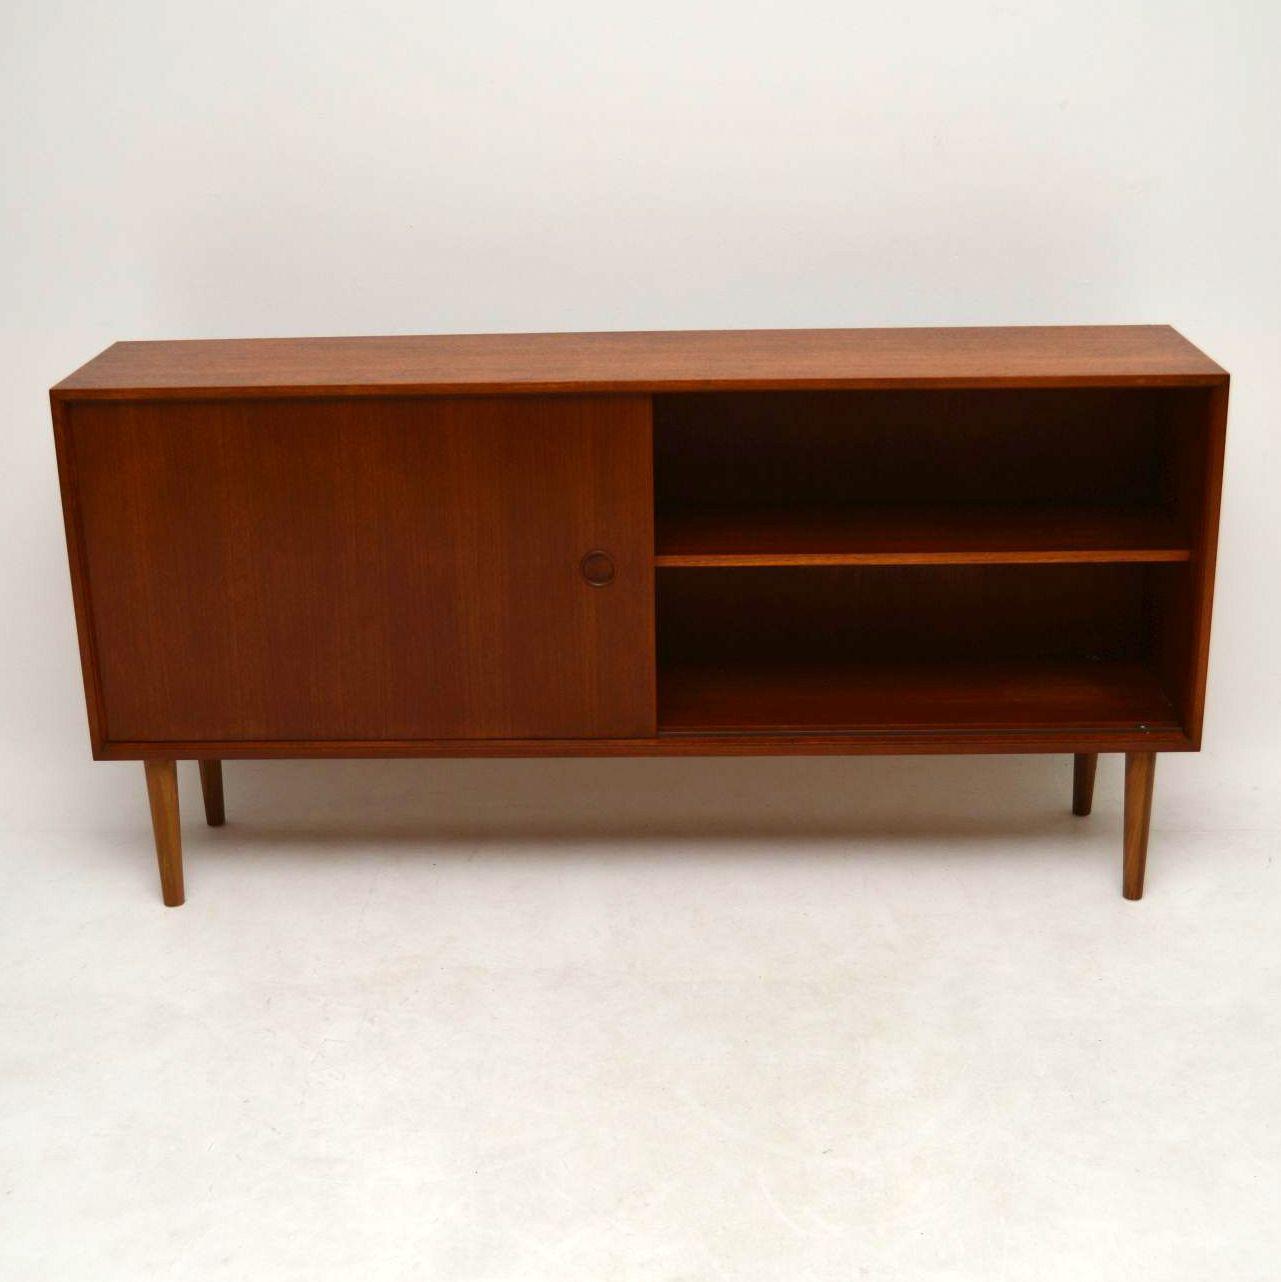 1960 s danish teak vintage sideboard retrospective. Black Bedroom Furniture Sets. Home Design Ideas